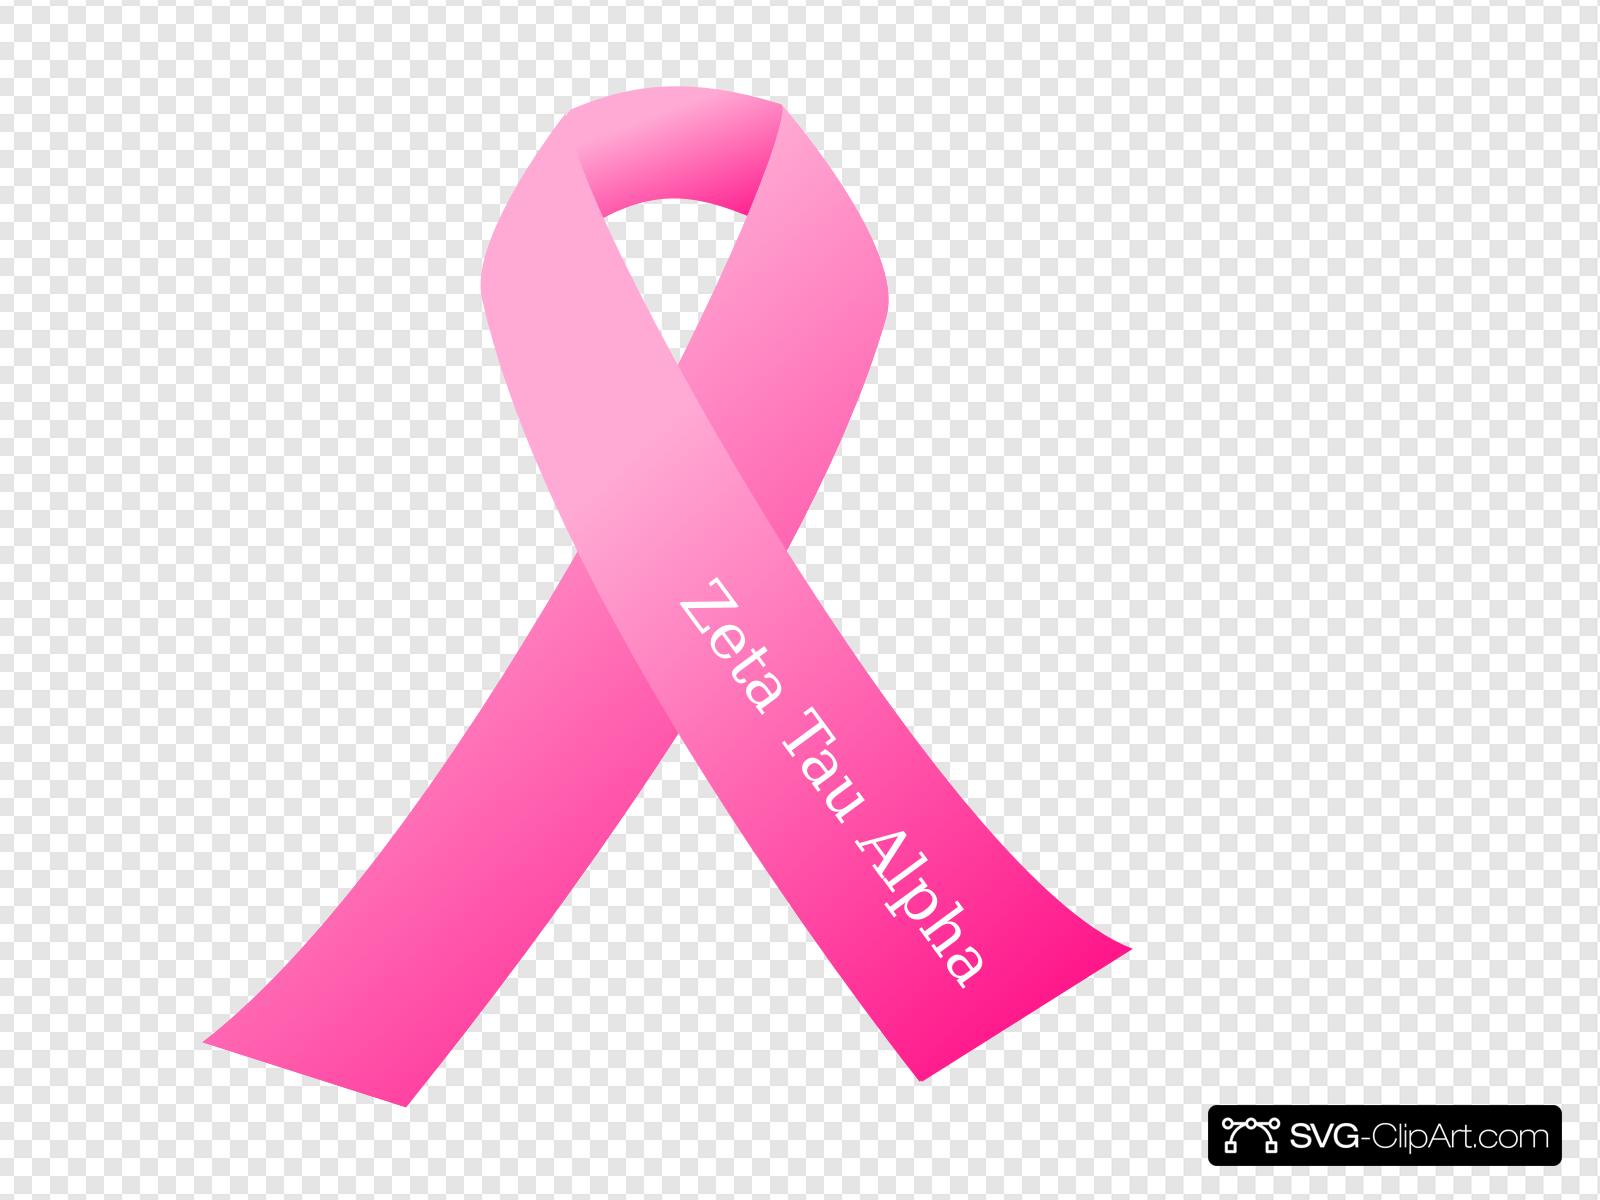 Zta Pink Ribbon Clip art, Icon and SVG.